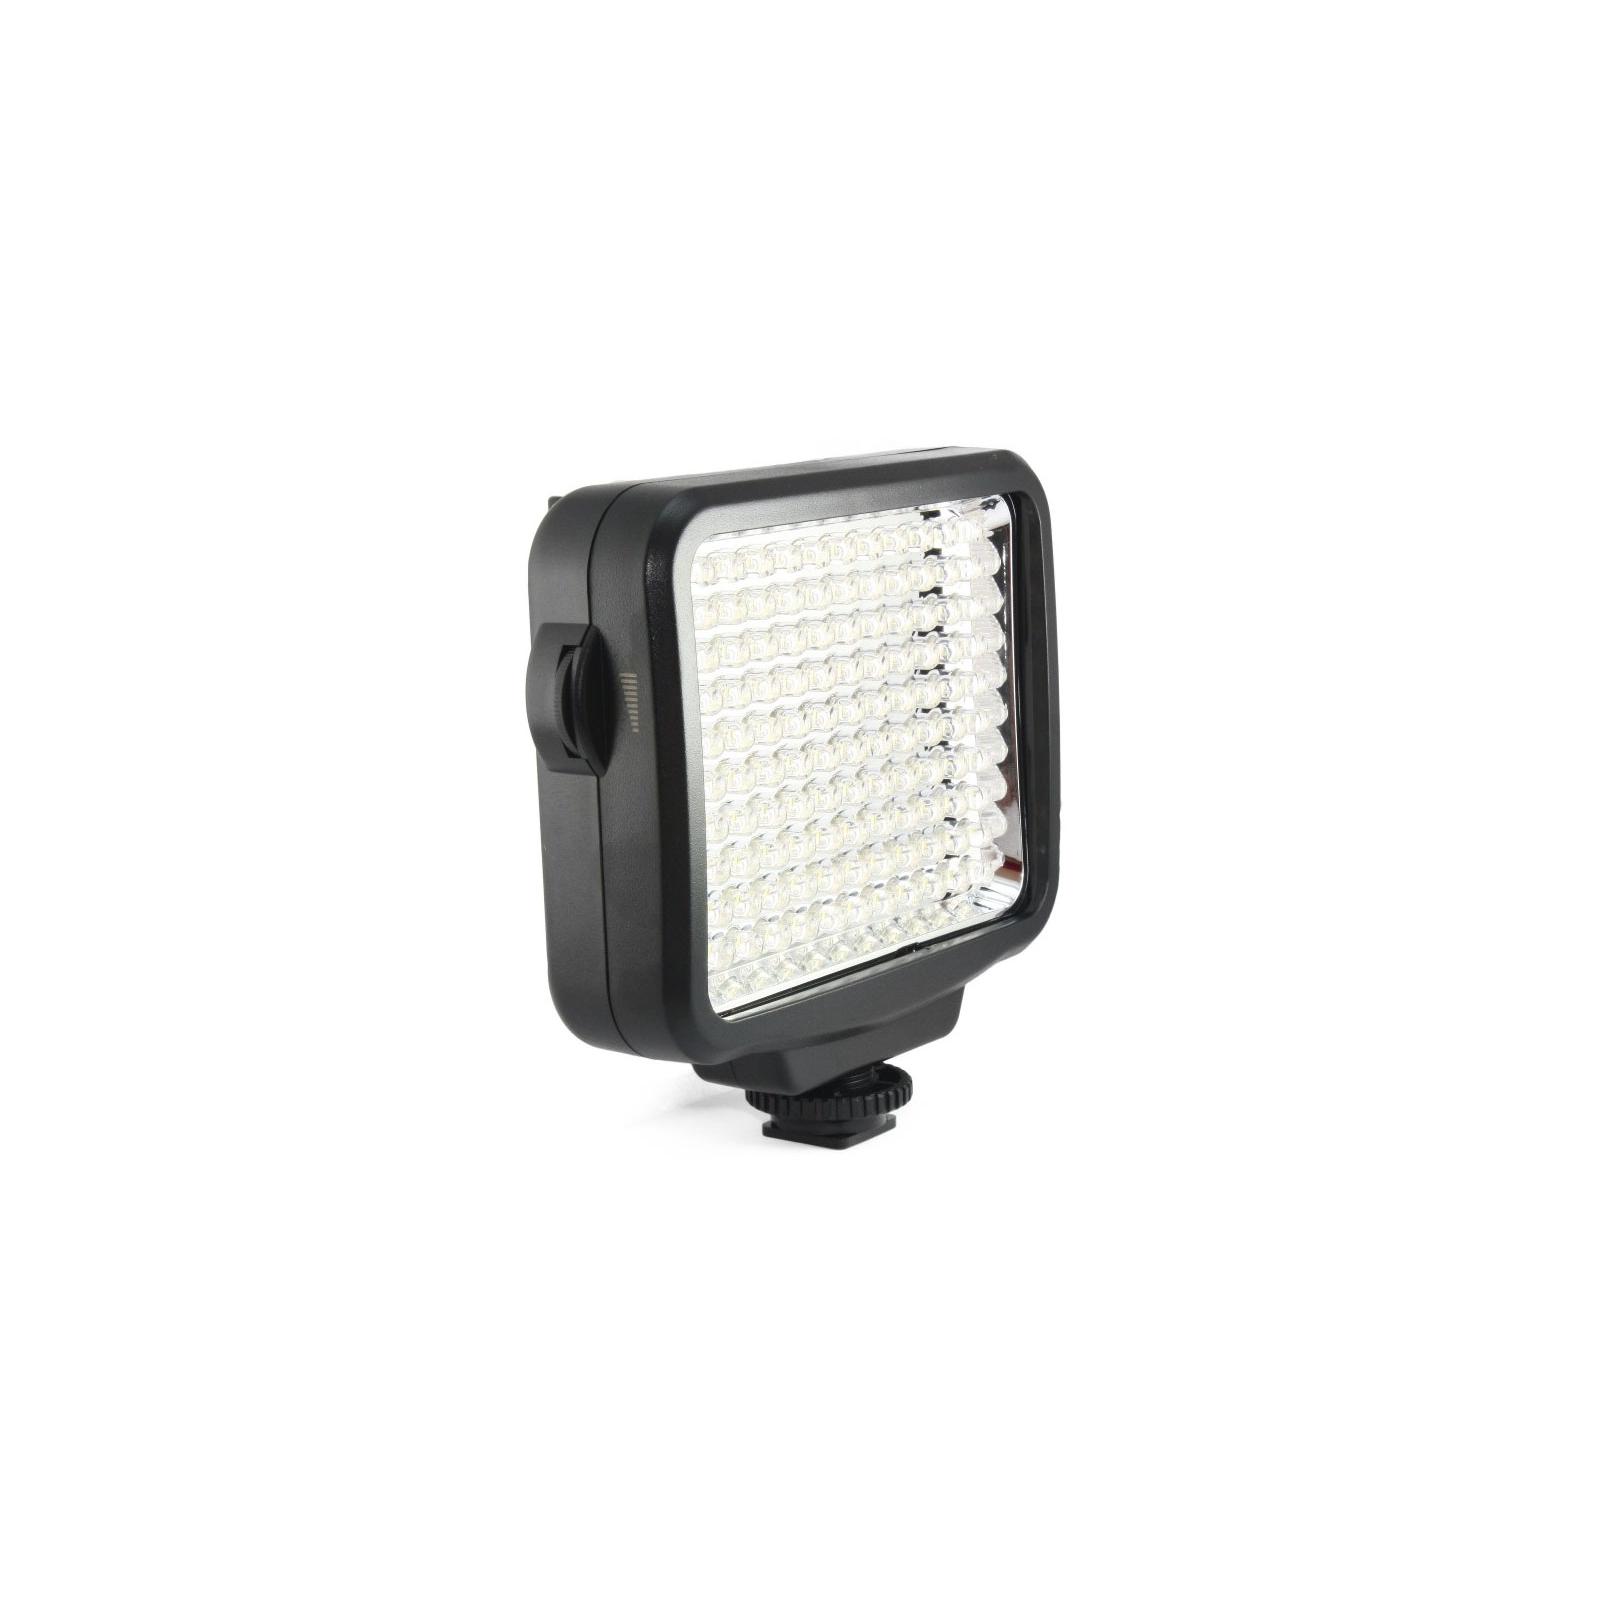 Вспышка EXTRADIGITAL Накамерный свет LED-5009 + NP-F750 (LED0006) изображение 2